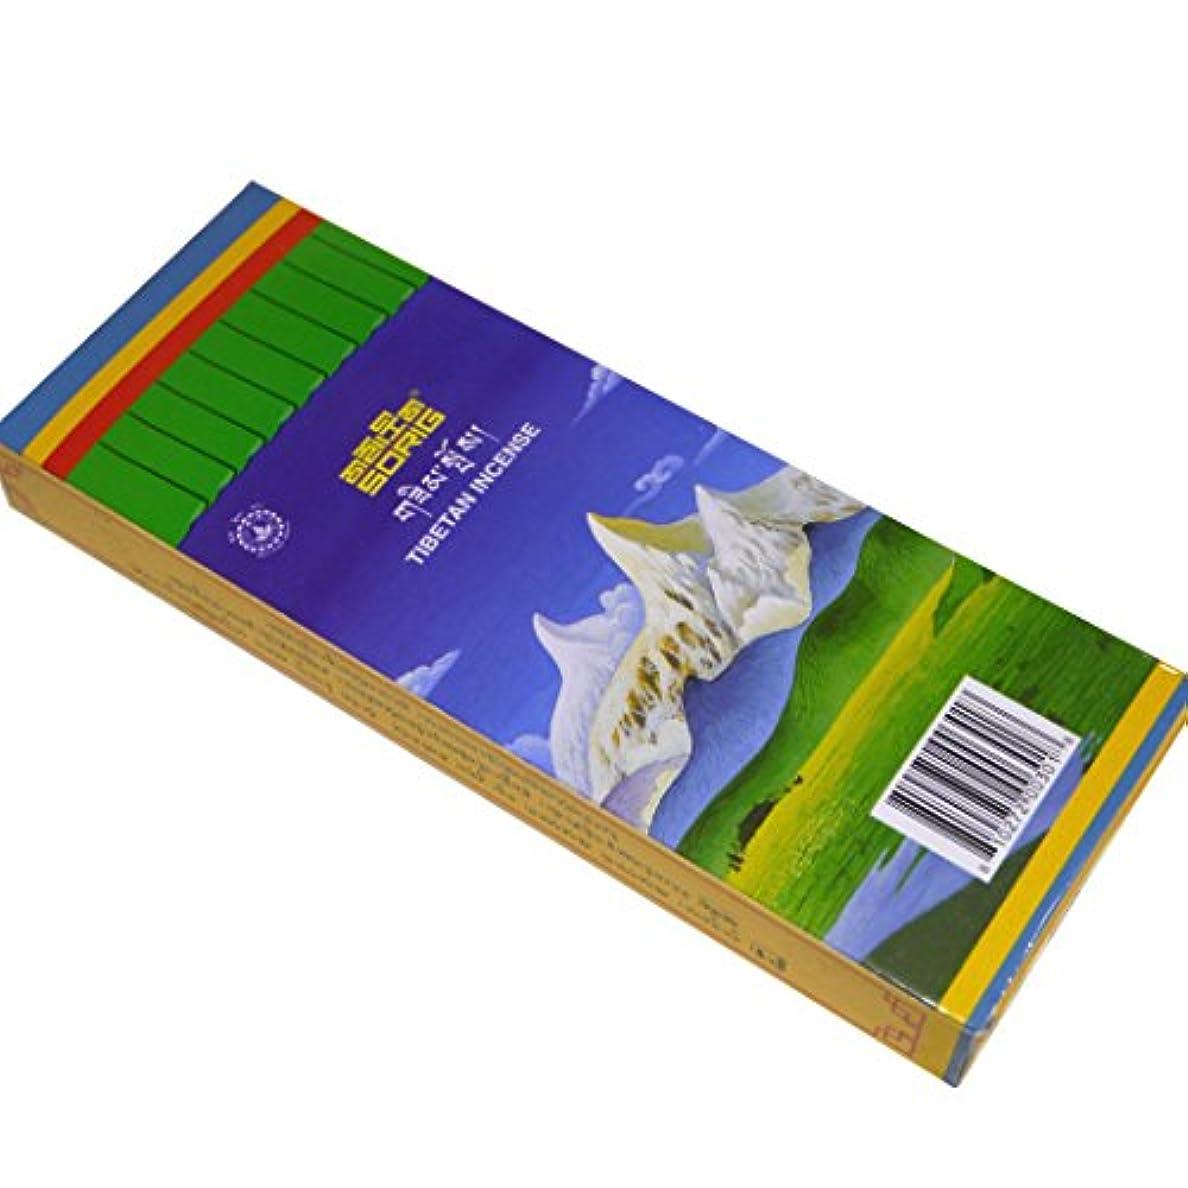 免疫欠員ジャングルメンツィーカン チベット医学暦法研究所メンツィーカンのお香【SORIGソリグ ビッグ】